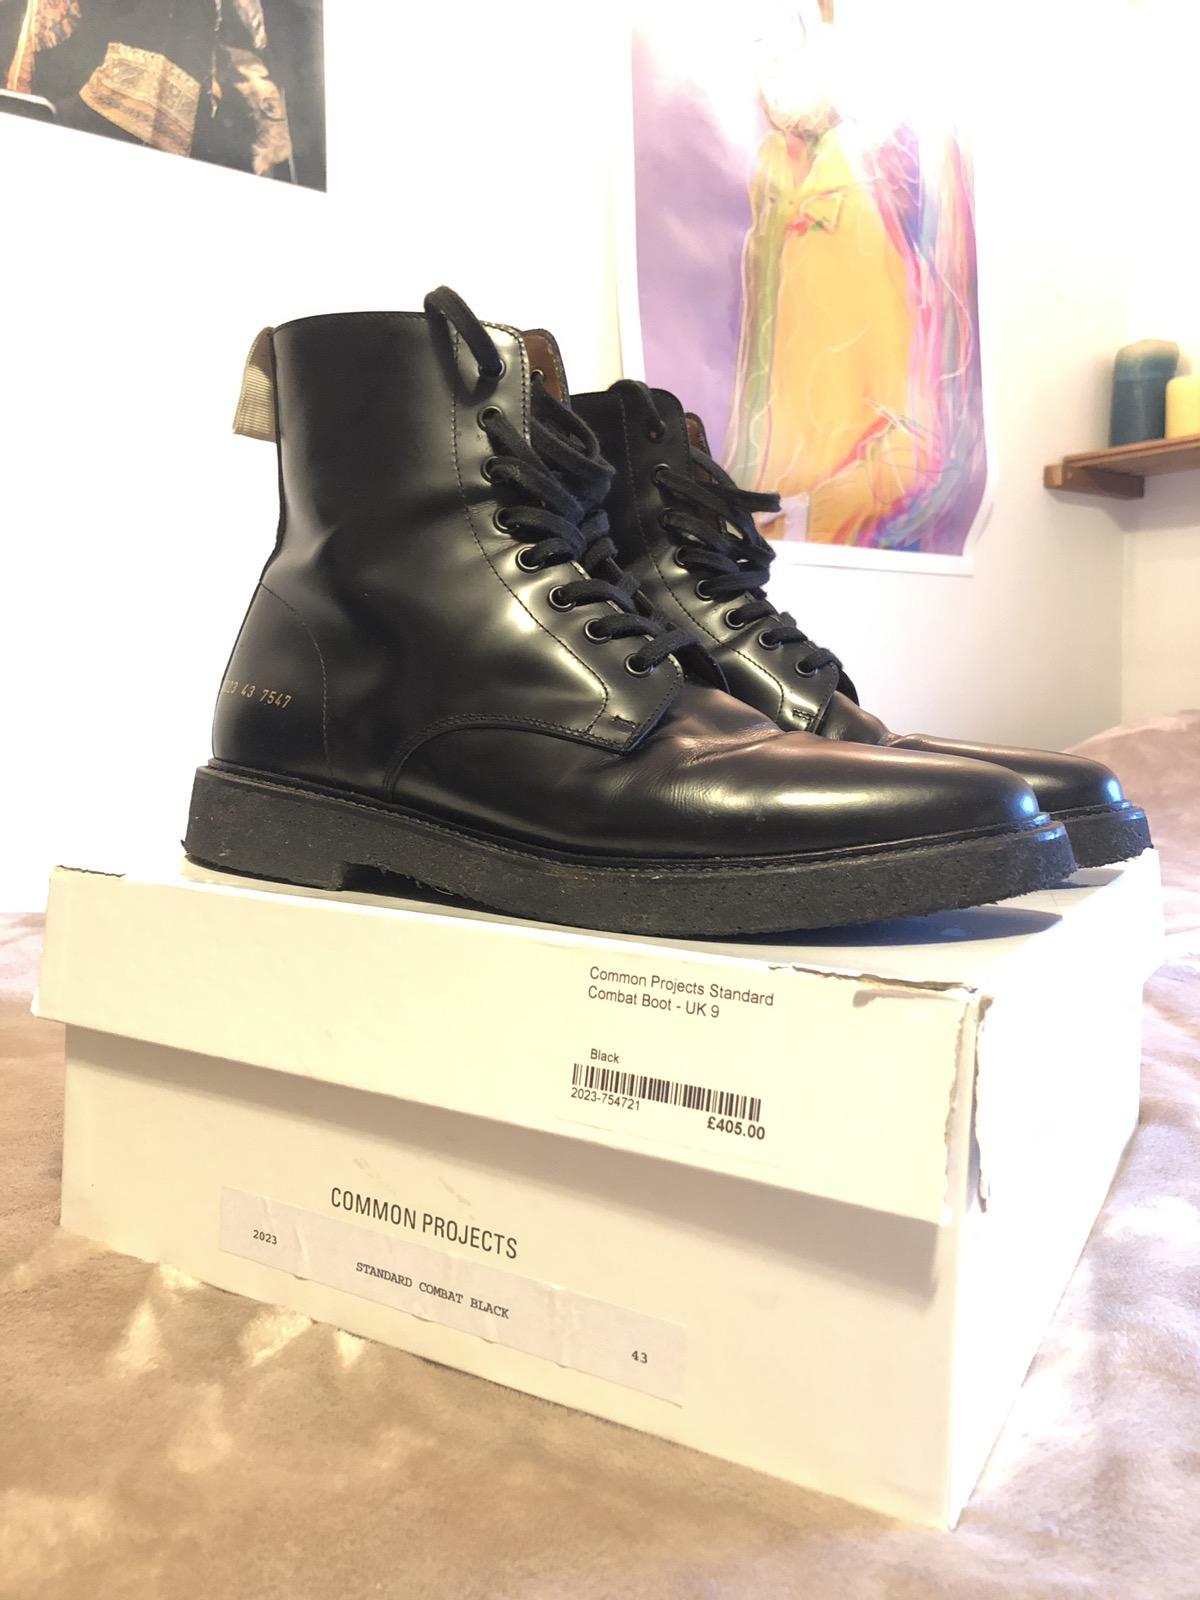 de89d7161e39 Common Projects Black Leather Combat Boots